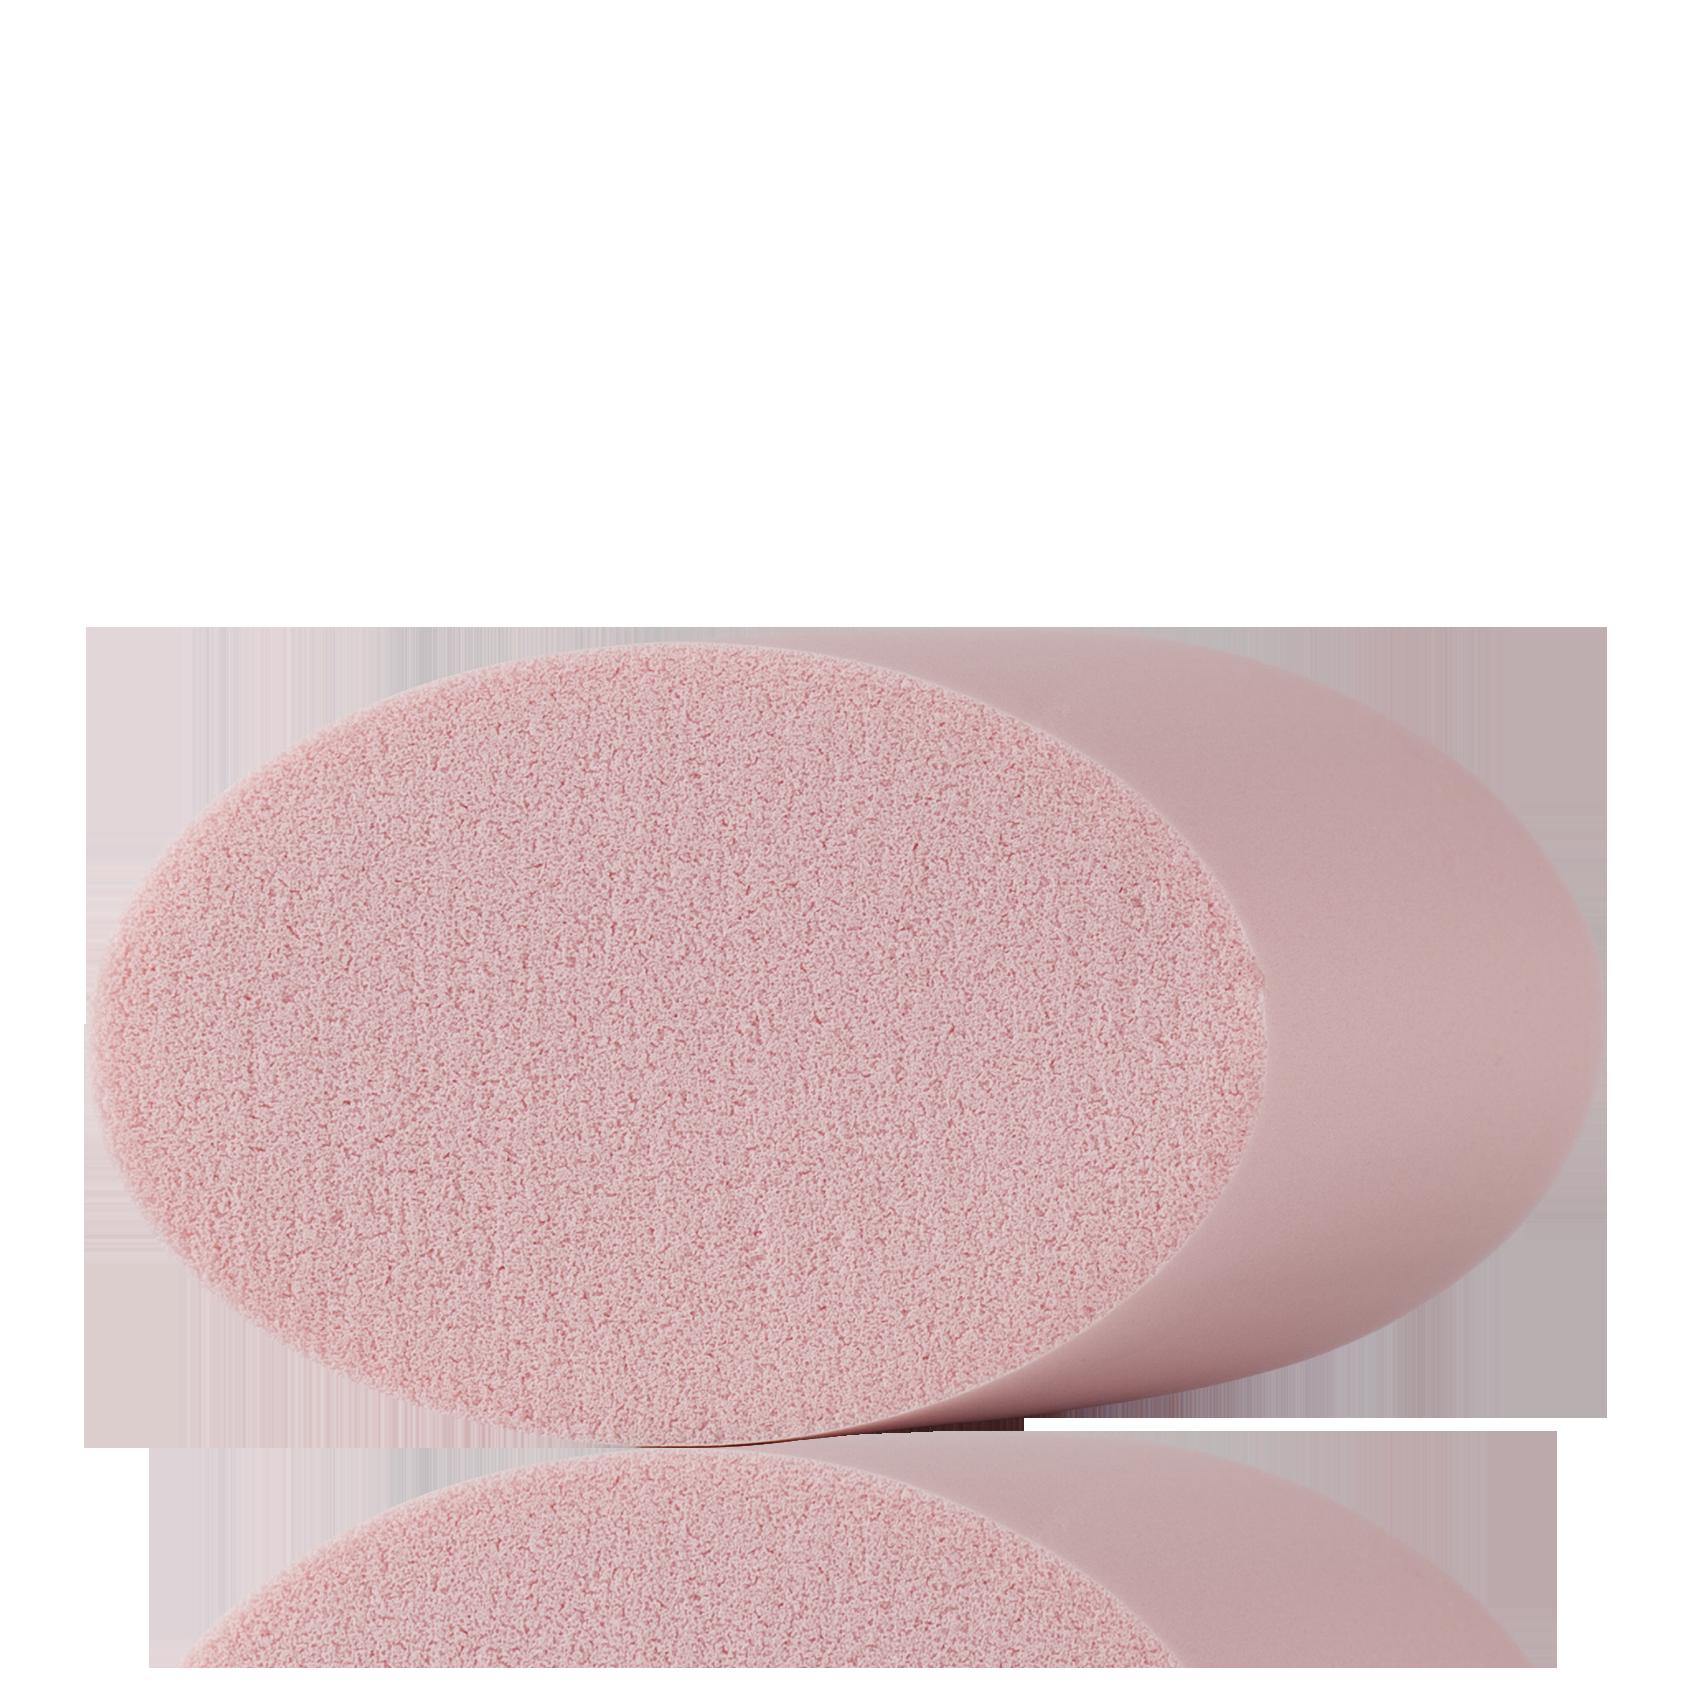 Аппликатор для жидкого макияжа / (LIQUID MAKEUP APPLICATOR (PUFF))